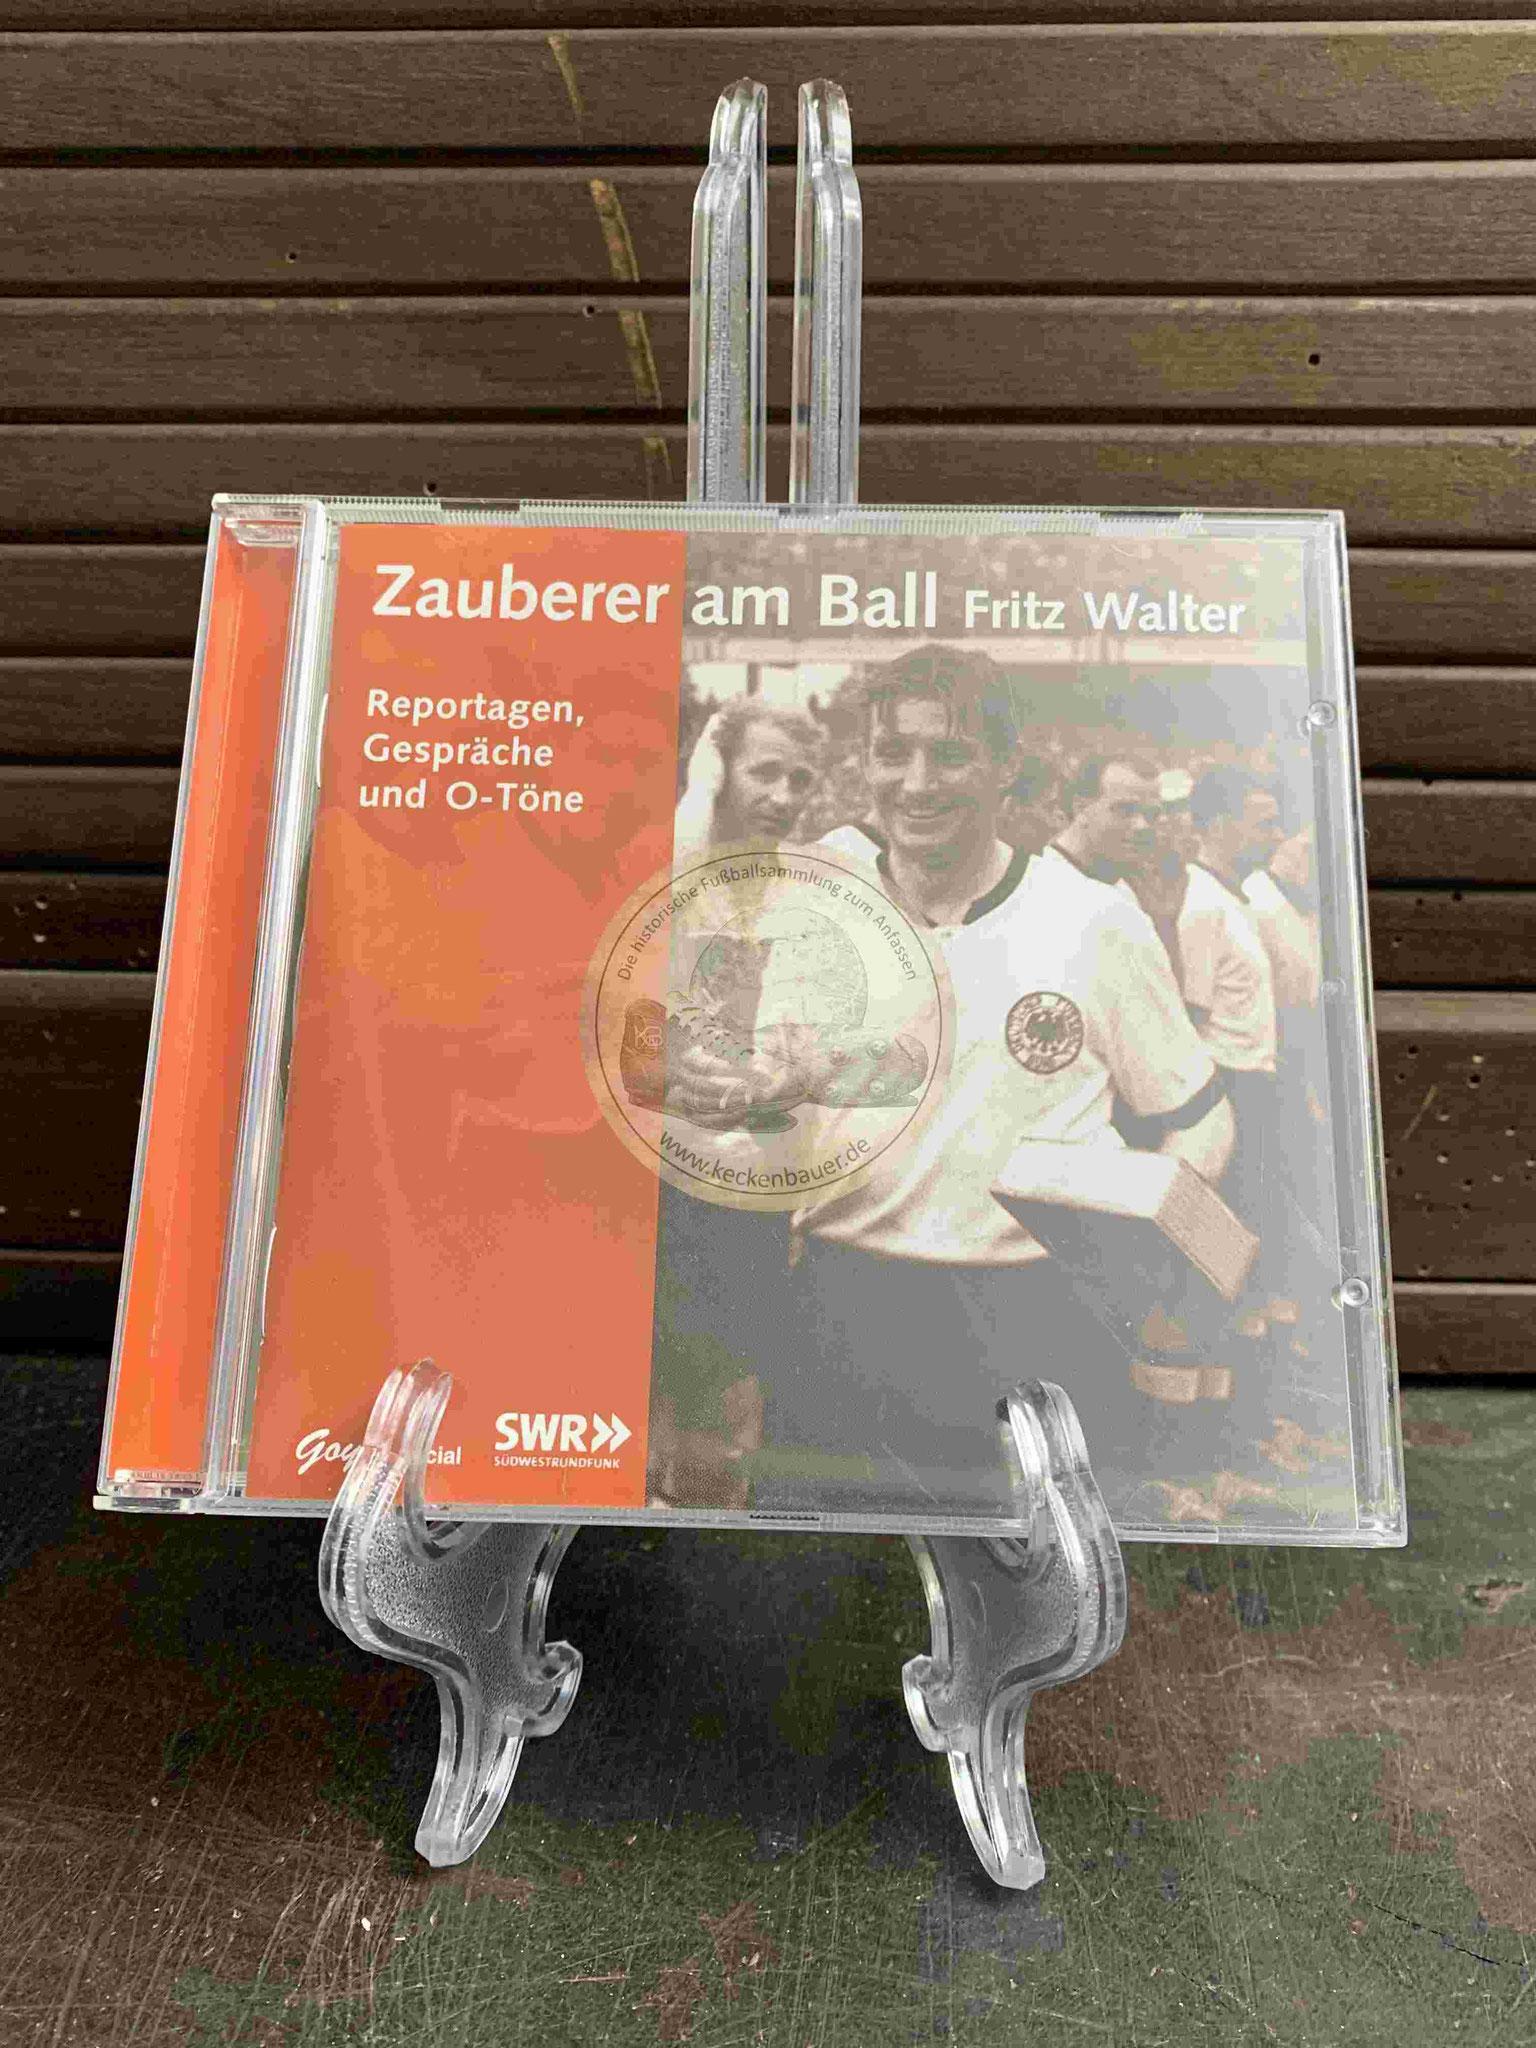 2003 Zauberer am Ball Fritz Walter